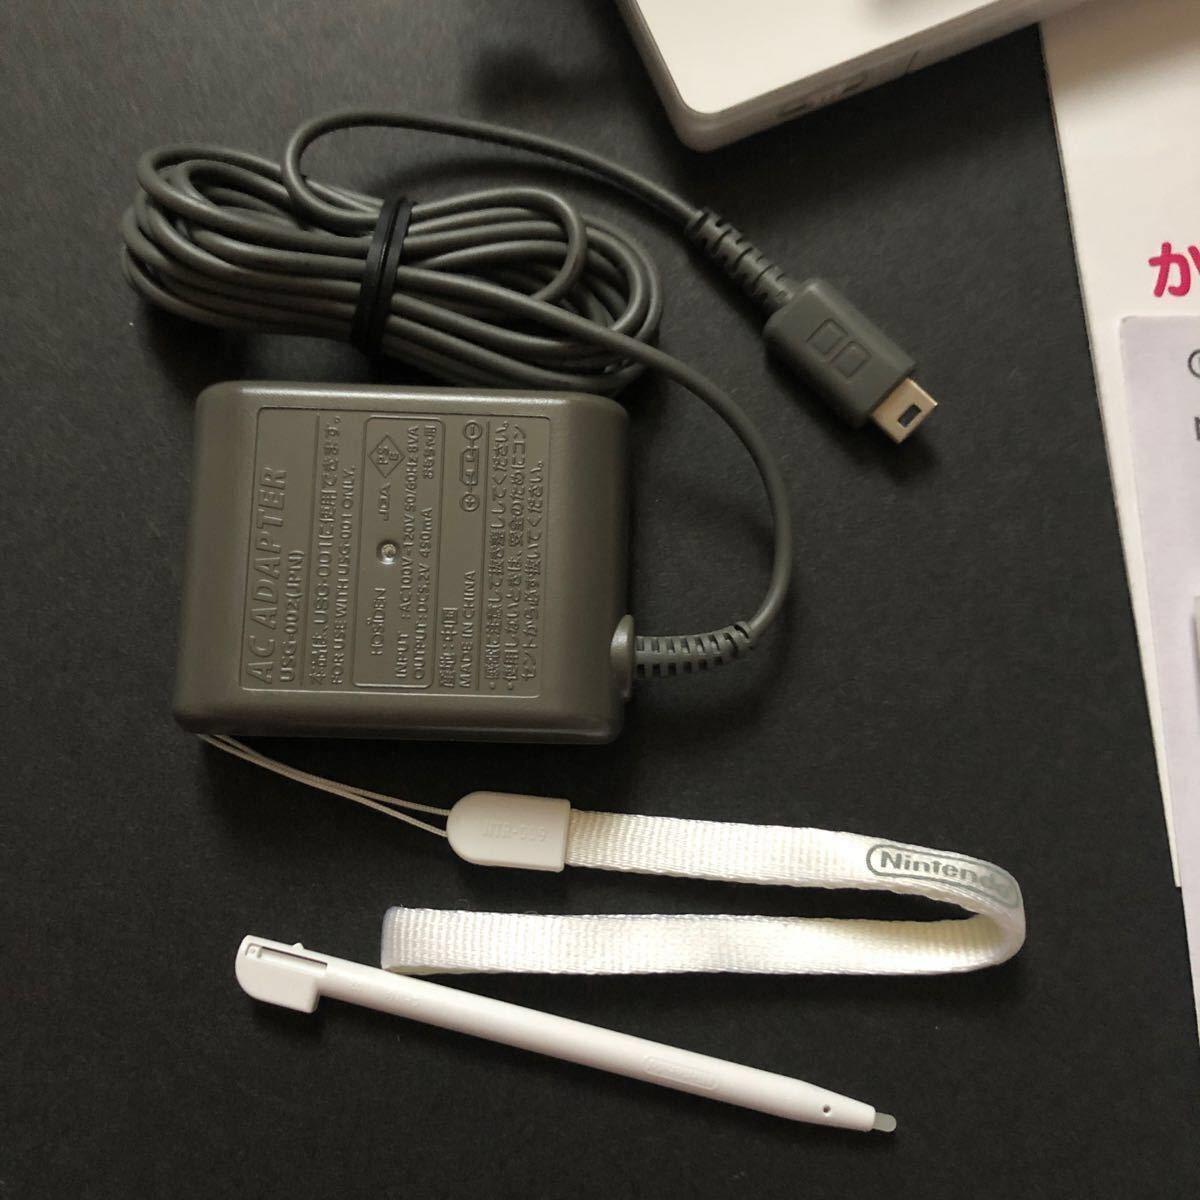 【任天堂】ニンテンドー DS Lite 本体 クリスタルホワイト & 付属品「セット内容」全て